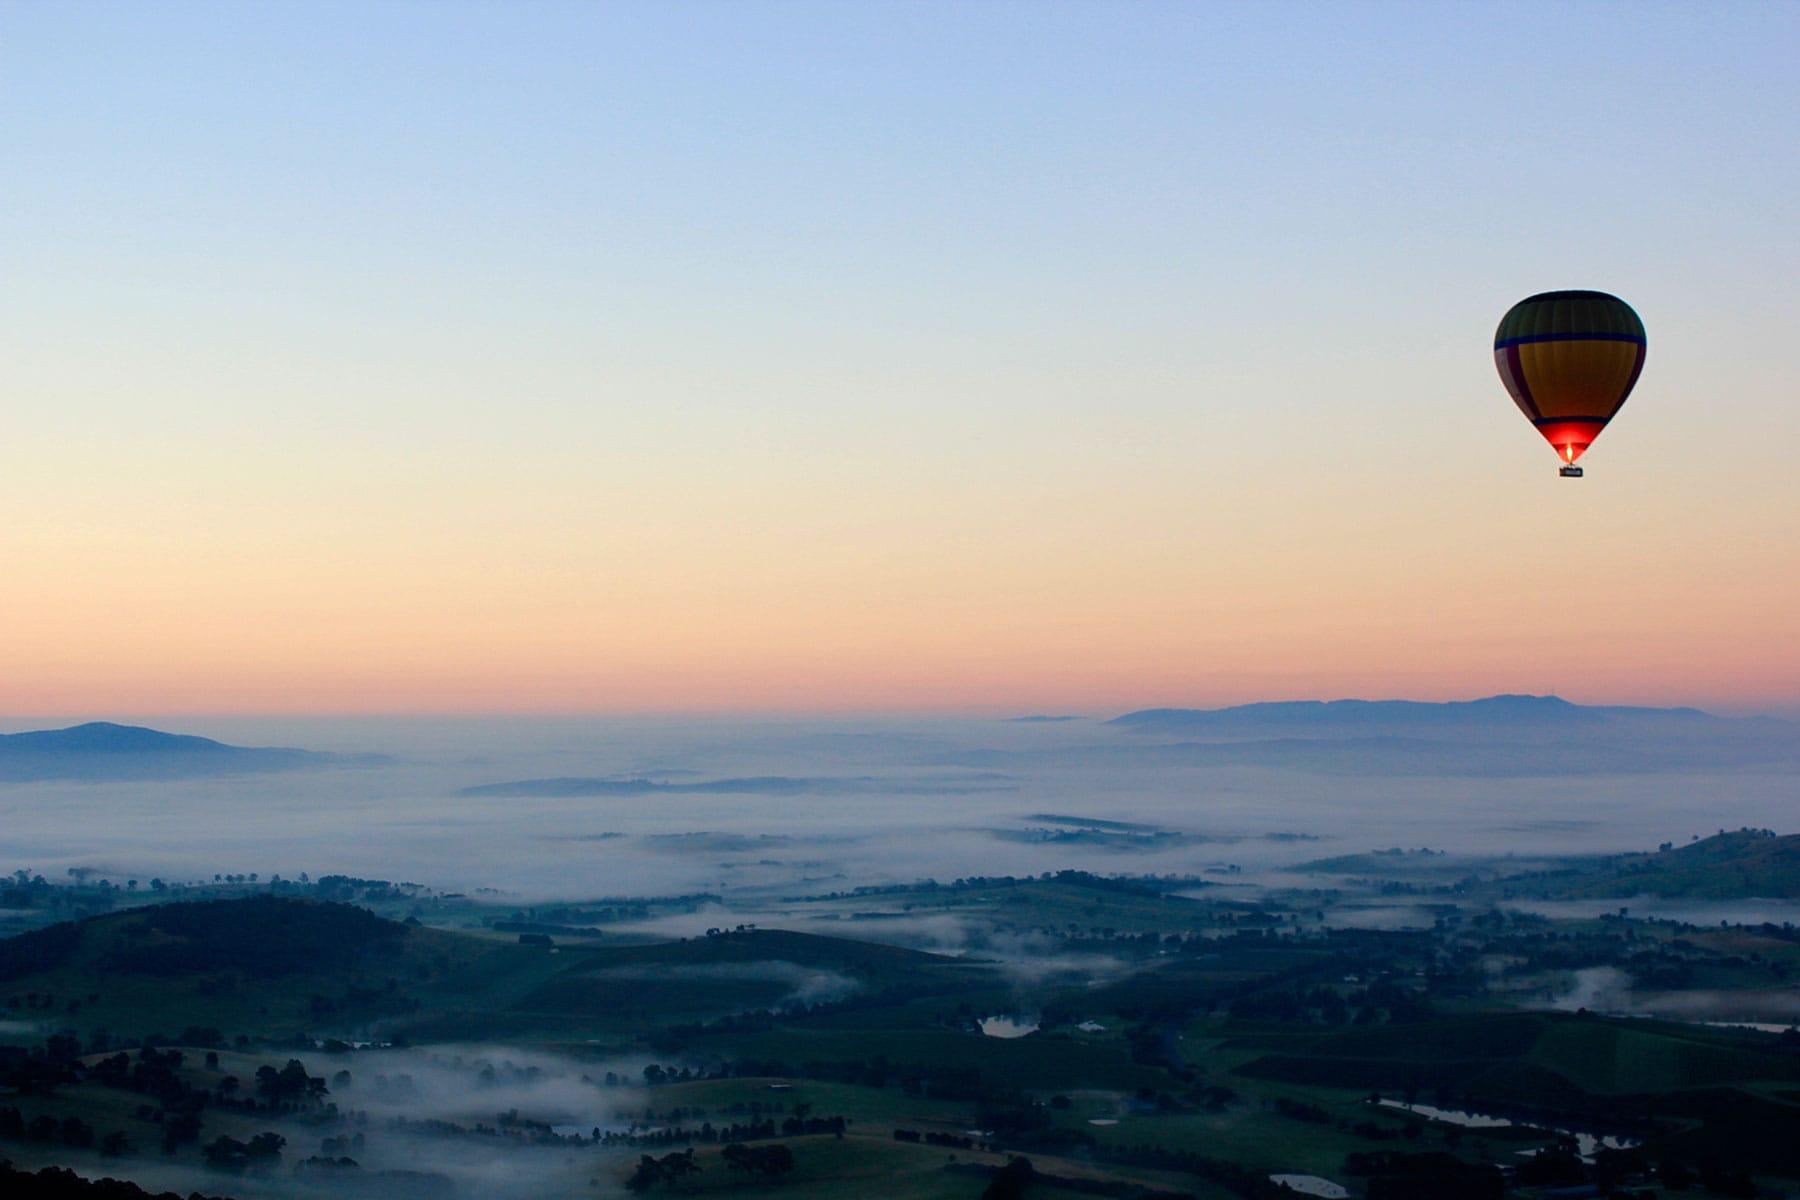 Resor-till-Melbourne-Nygren-Lind-Resebyrå---luftballong